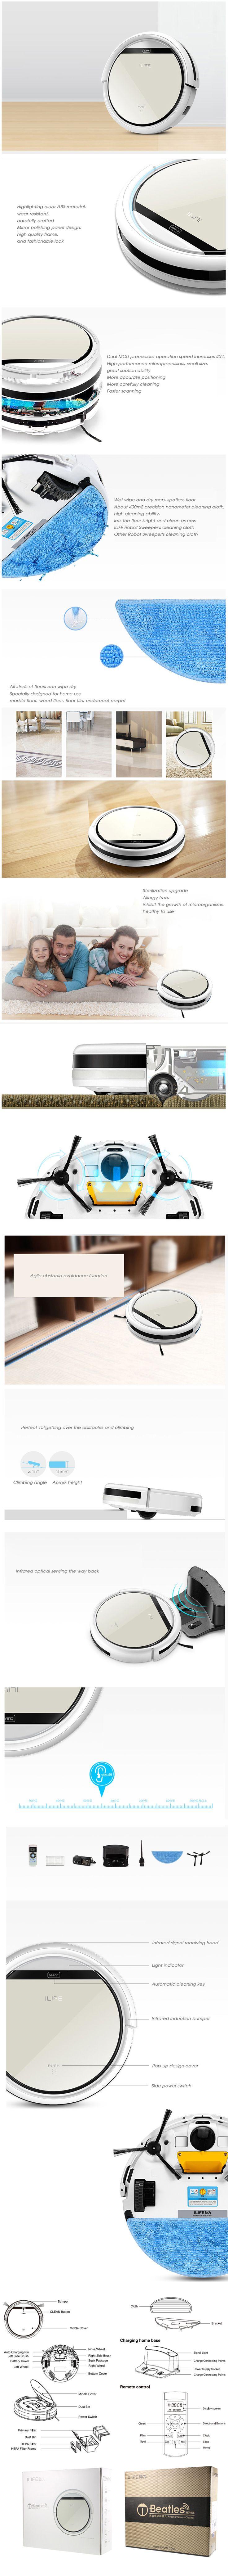 Smart Household Mute Floor Robot Sweeper Vacuum Cleaner